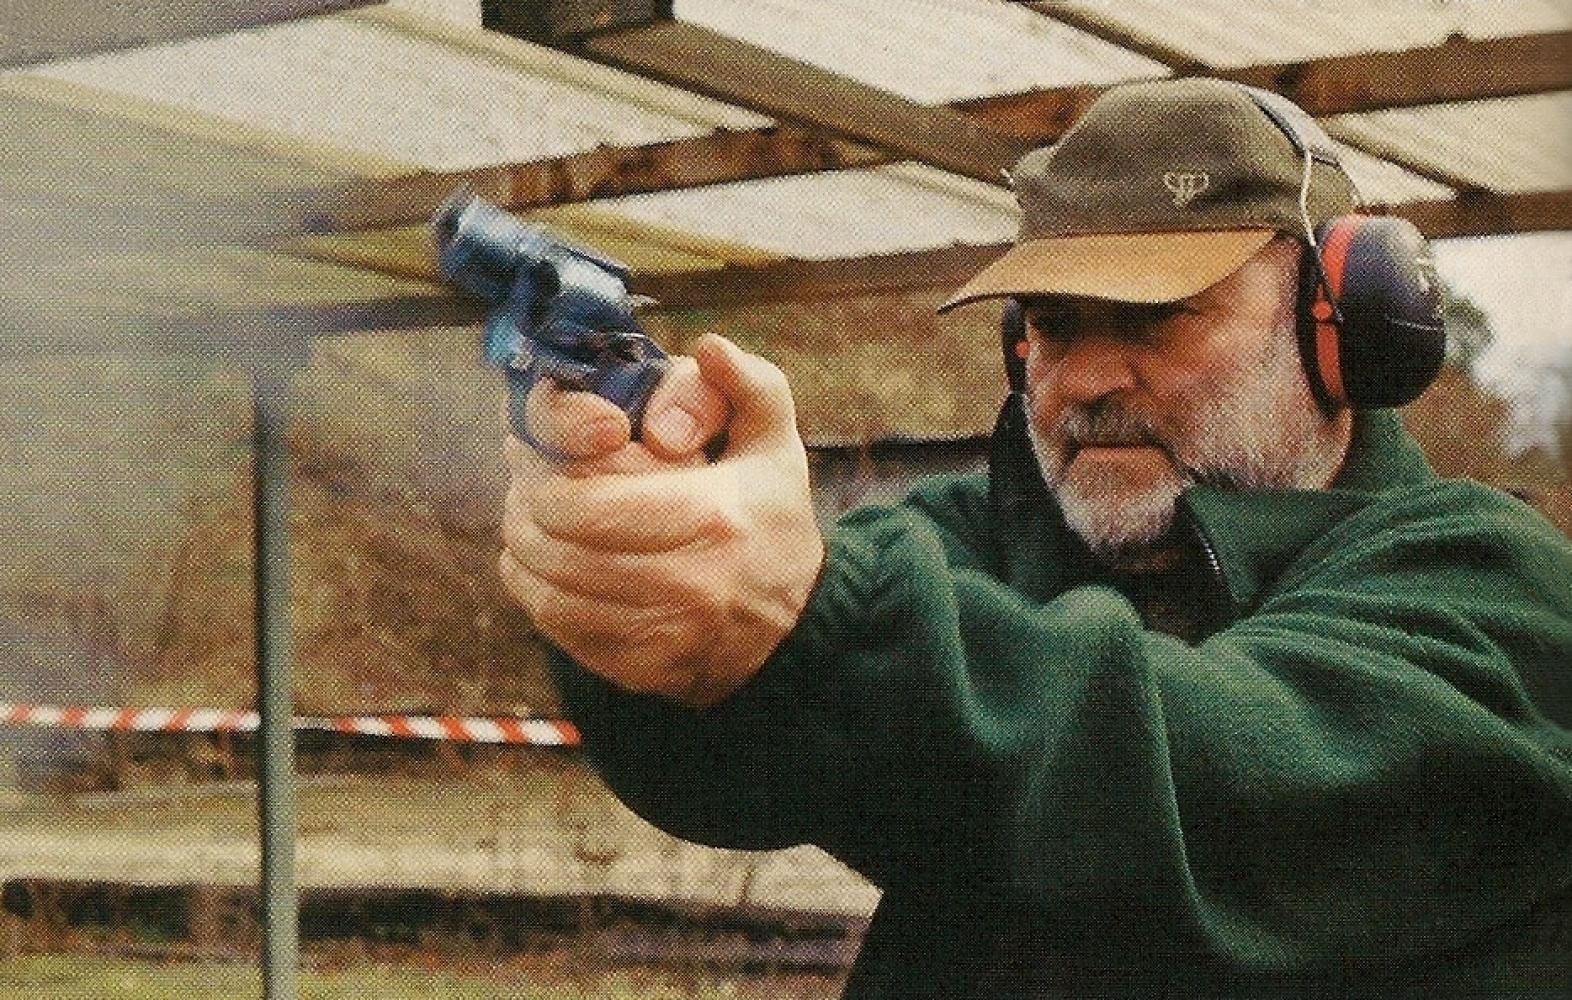 Bien qu'il soit difficile d'en mesurer la réelle efficacité, le compensateur semble remplir correctement son rôle, à en juger par le relèvement modéré de ce revolver.